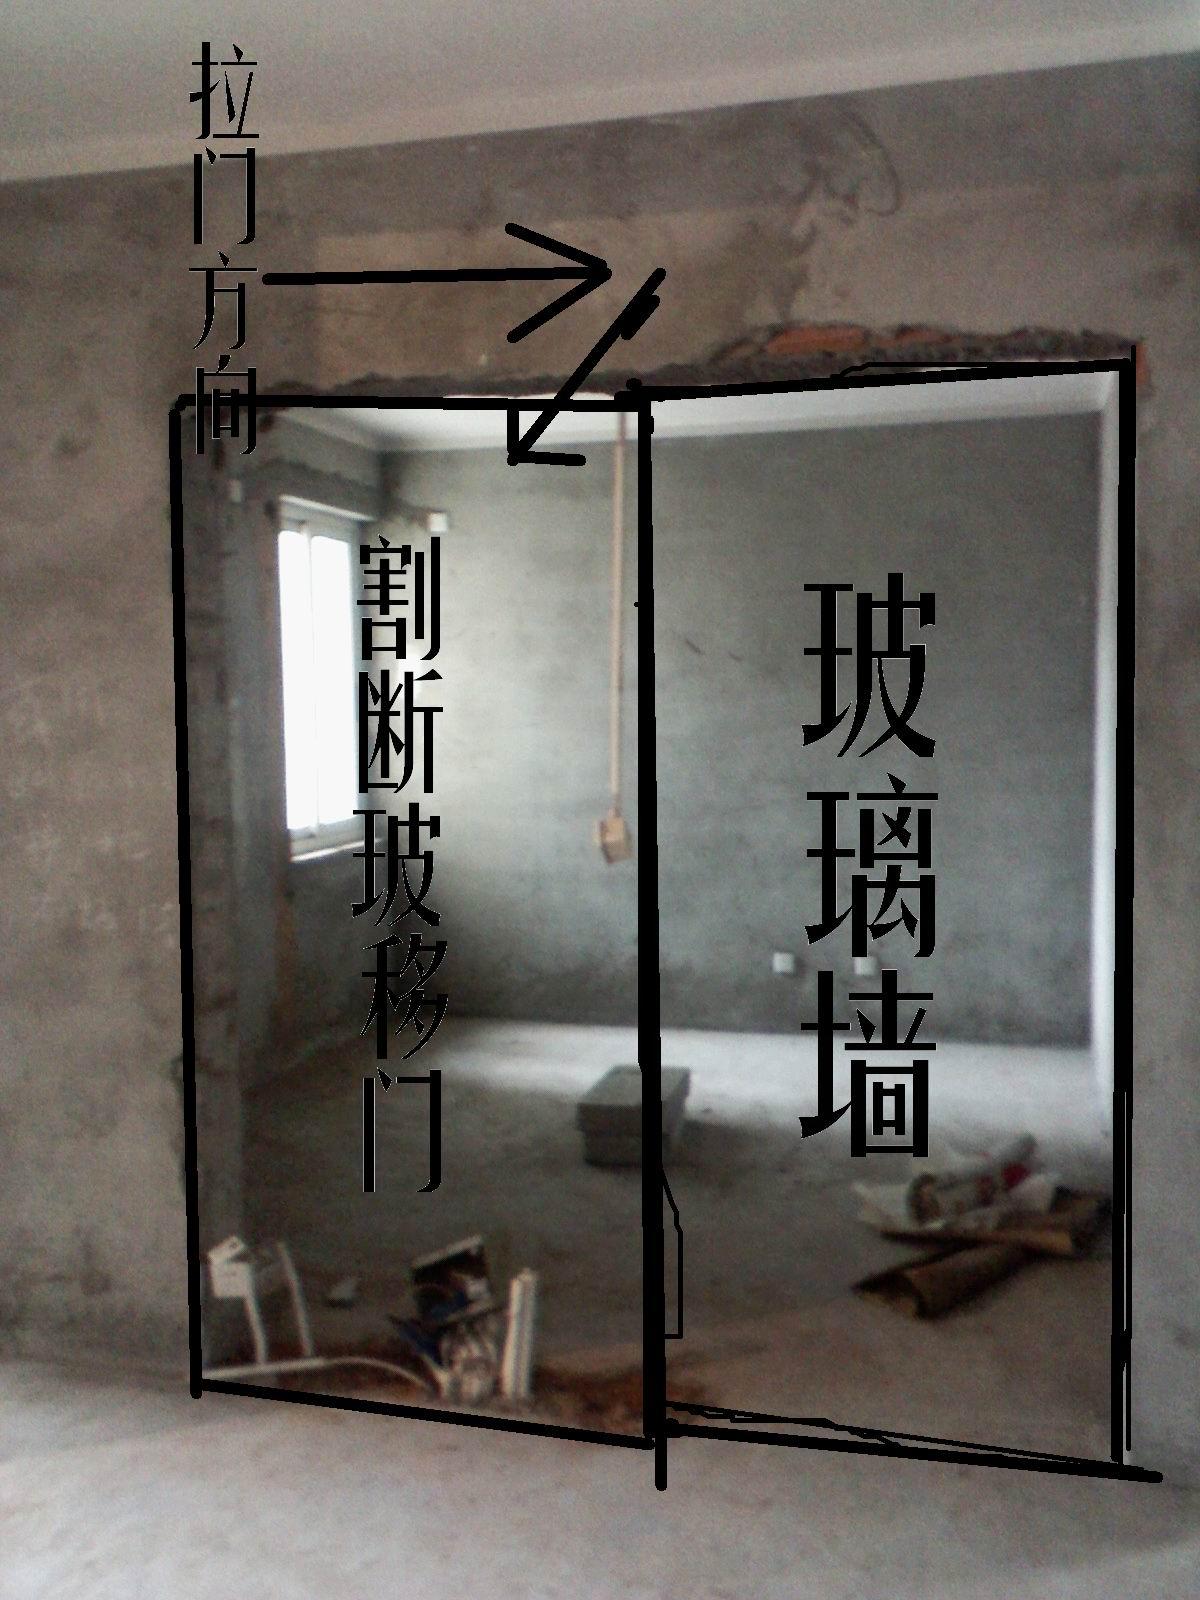 墙排马桶安装中 齐家论坛 装修技巧 装修经验 装修体验 装修高清图片